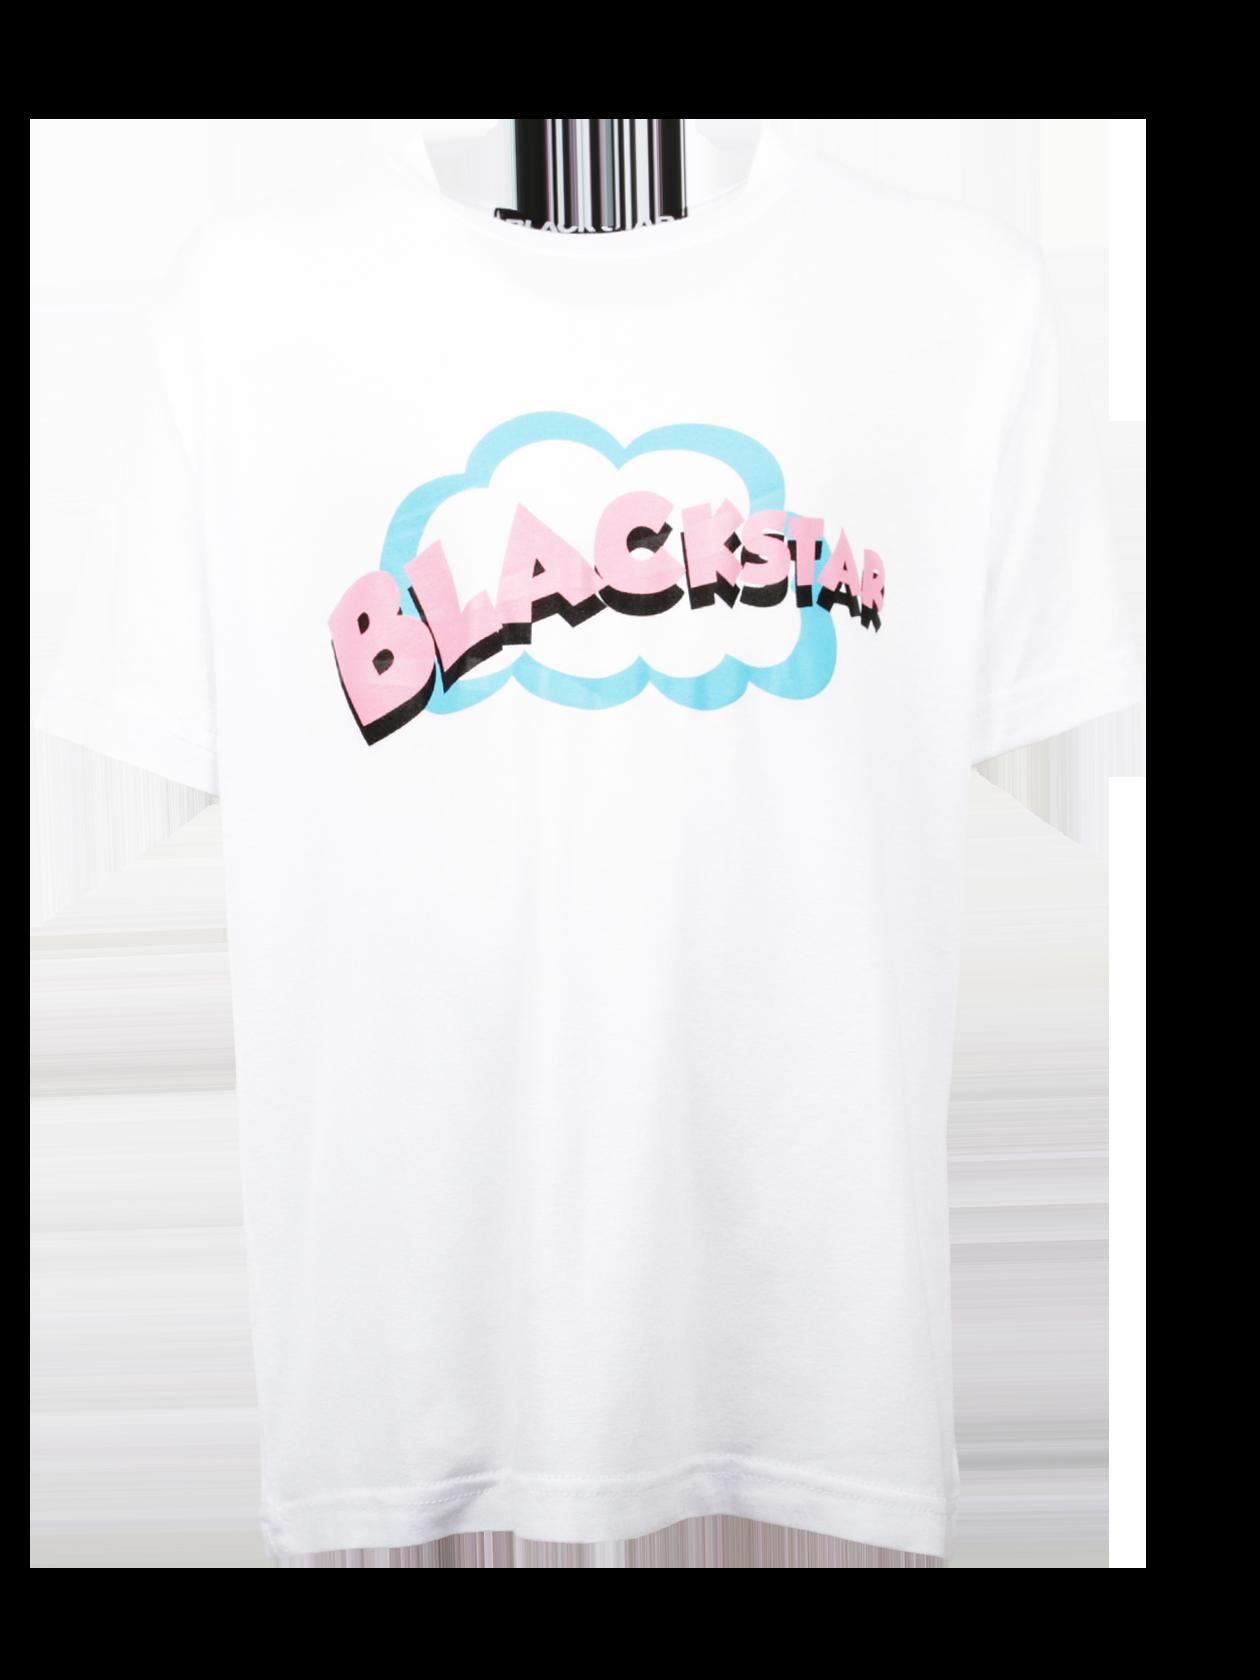 Футболка детская CARTOONS BSМодная и практичная футболка детская Cartoons BS из коллекции Black Star Wear – незаменимая вещь в гардеробе активного ребенка. Изделие обладает прямым свободным кроем, дополнено широким коротким рукавом и неглубокой круглой горловиной. Модель представлена в базовом белом цвете, декорирована принтом с фронтальной стороны в виде облака и надписи Black Star. Изготовленная из высококачественного 100% хлопка, футболка гарантирует максимальный комфорт во время движений.<br><br>Размер: 7 years<br>Цвет: Белый<br>Пол: Унисекс